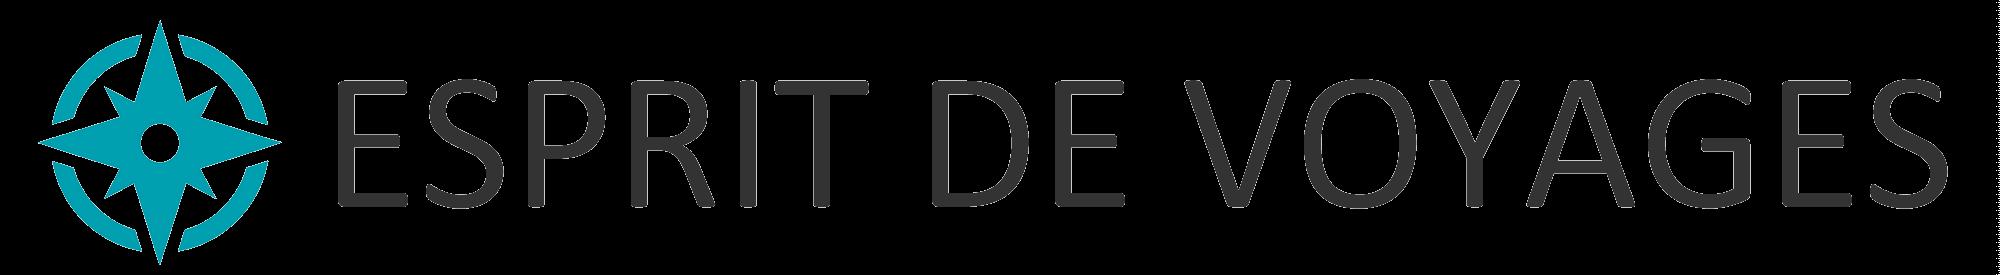 Logo Esprit de voyages, normal